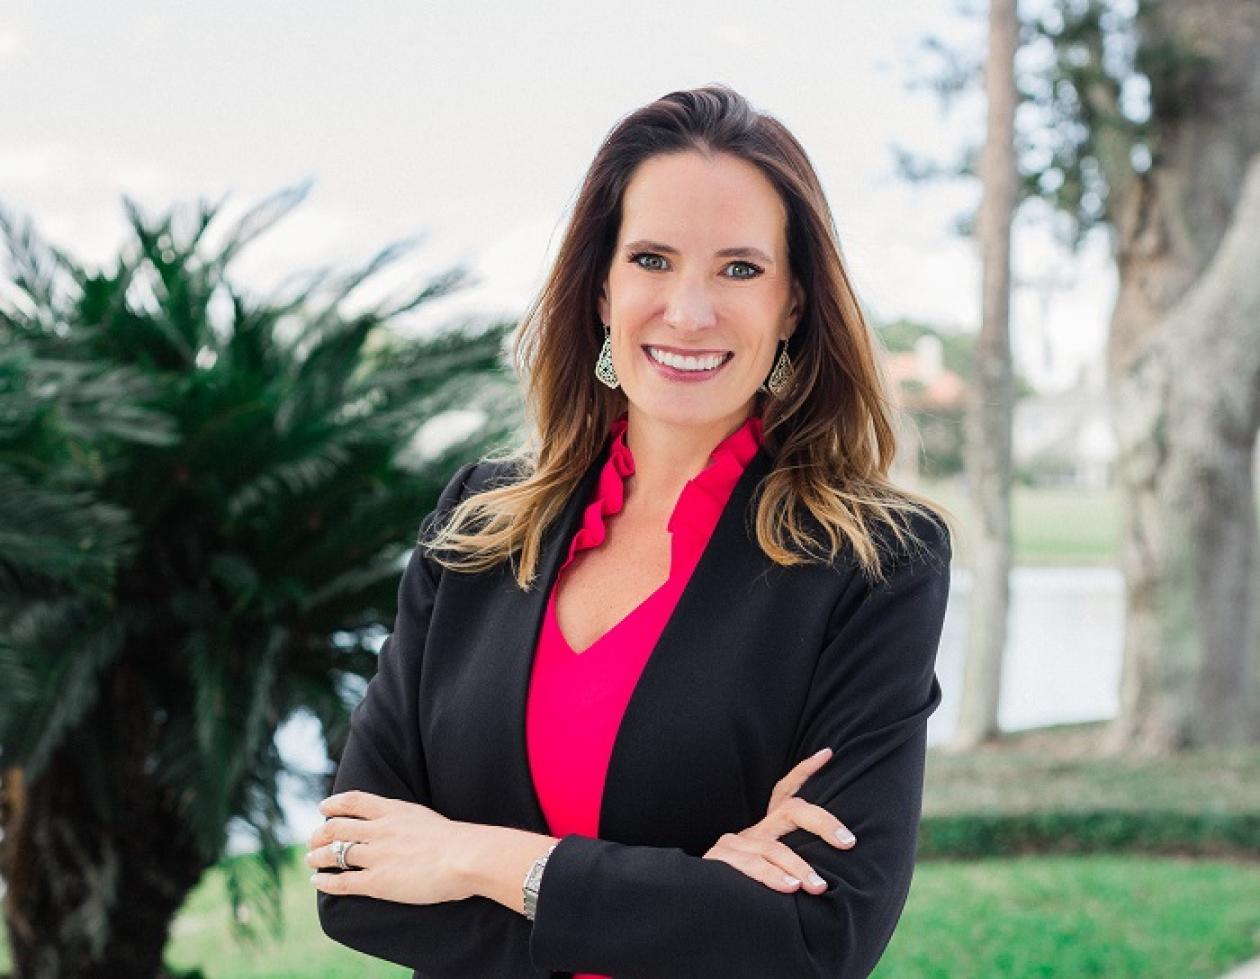 Hillary Keeley